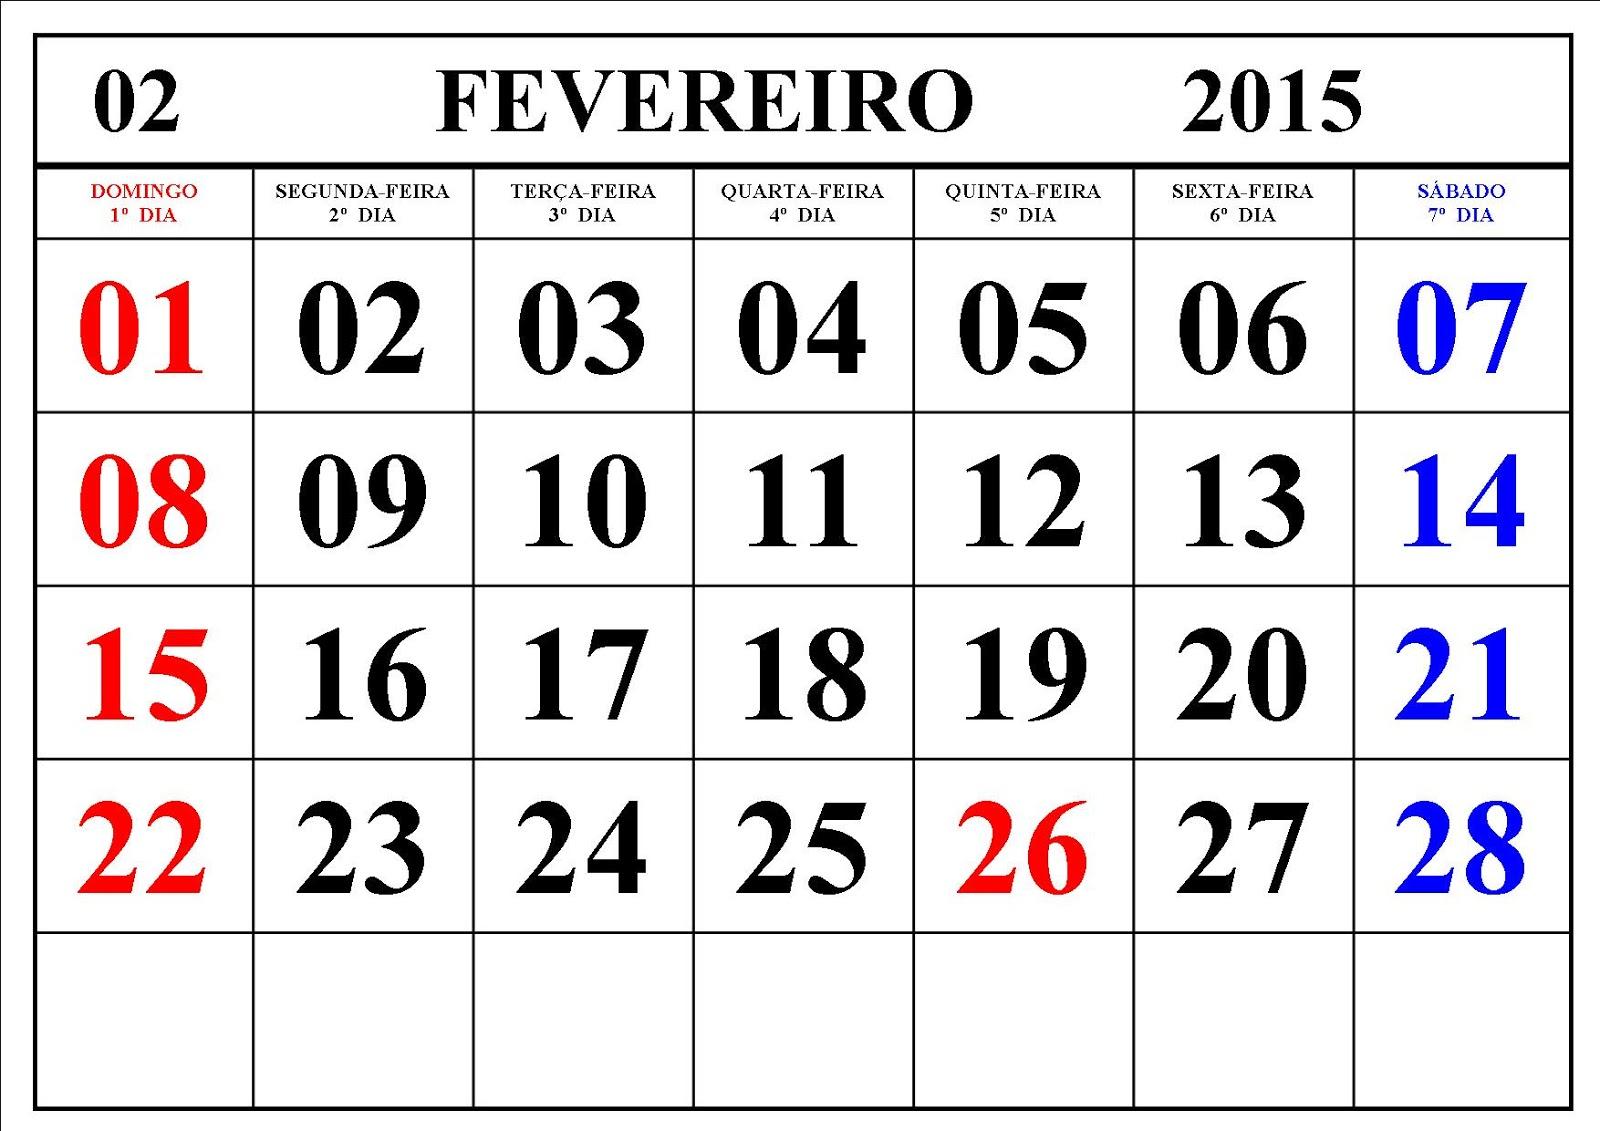 23 09 B 1 Atividades Preparatórias 2 Ofertas: Profª Gr@ç@: Atividades Para Início De Ano Letivo-2015